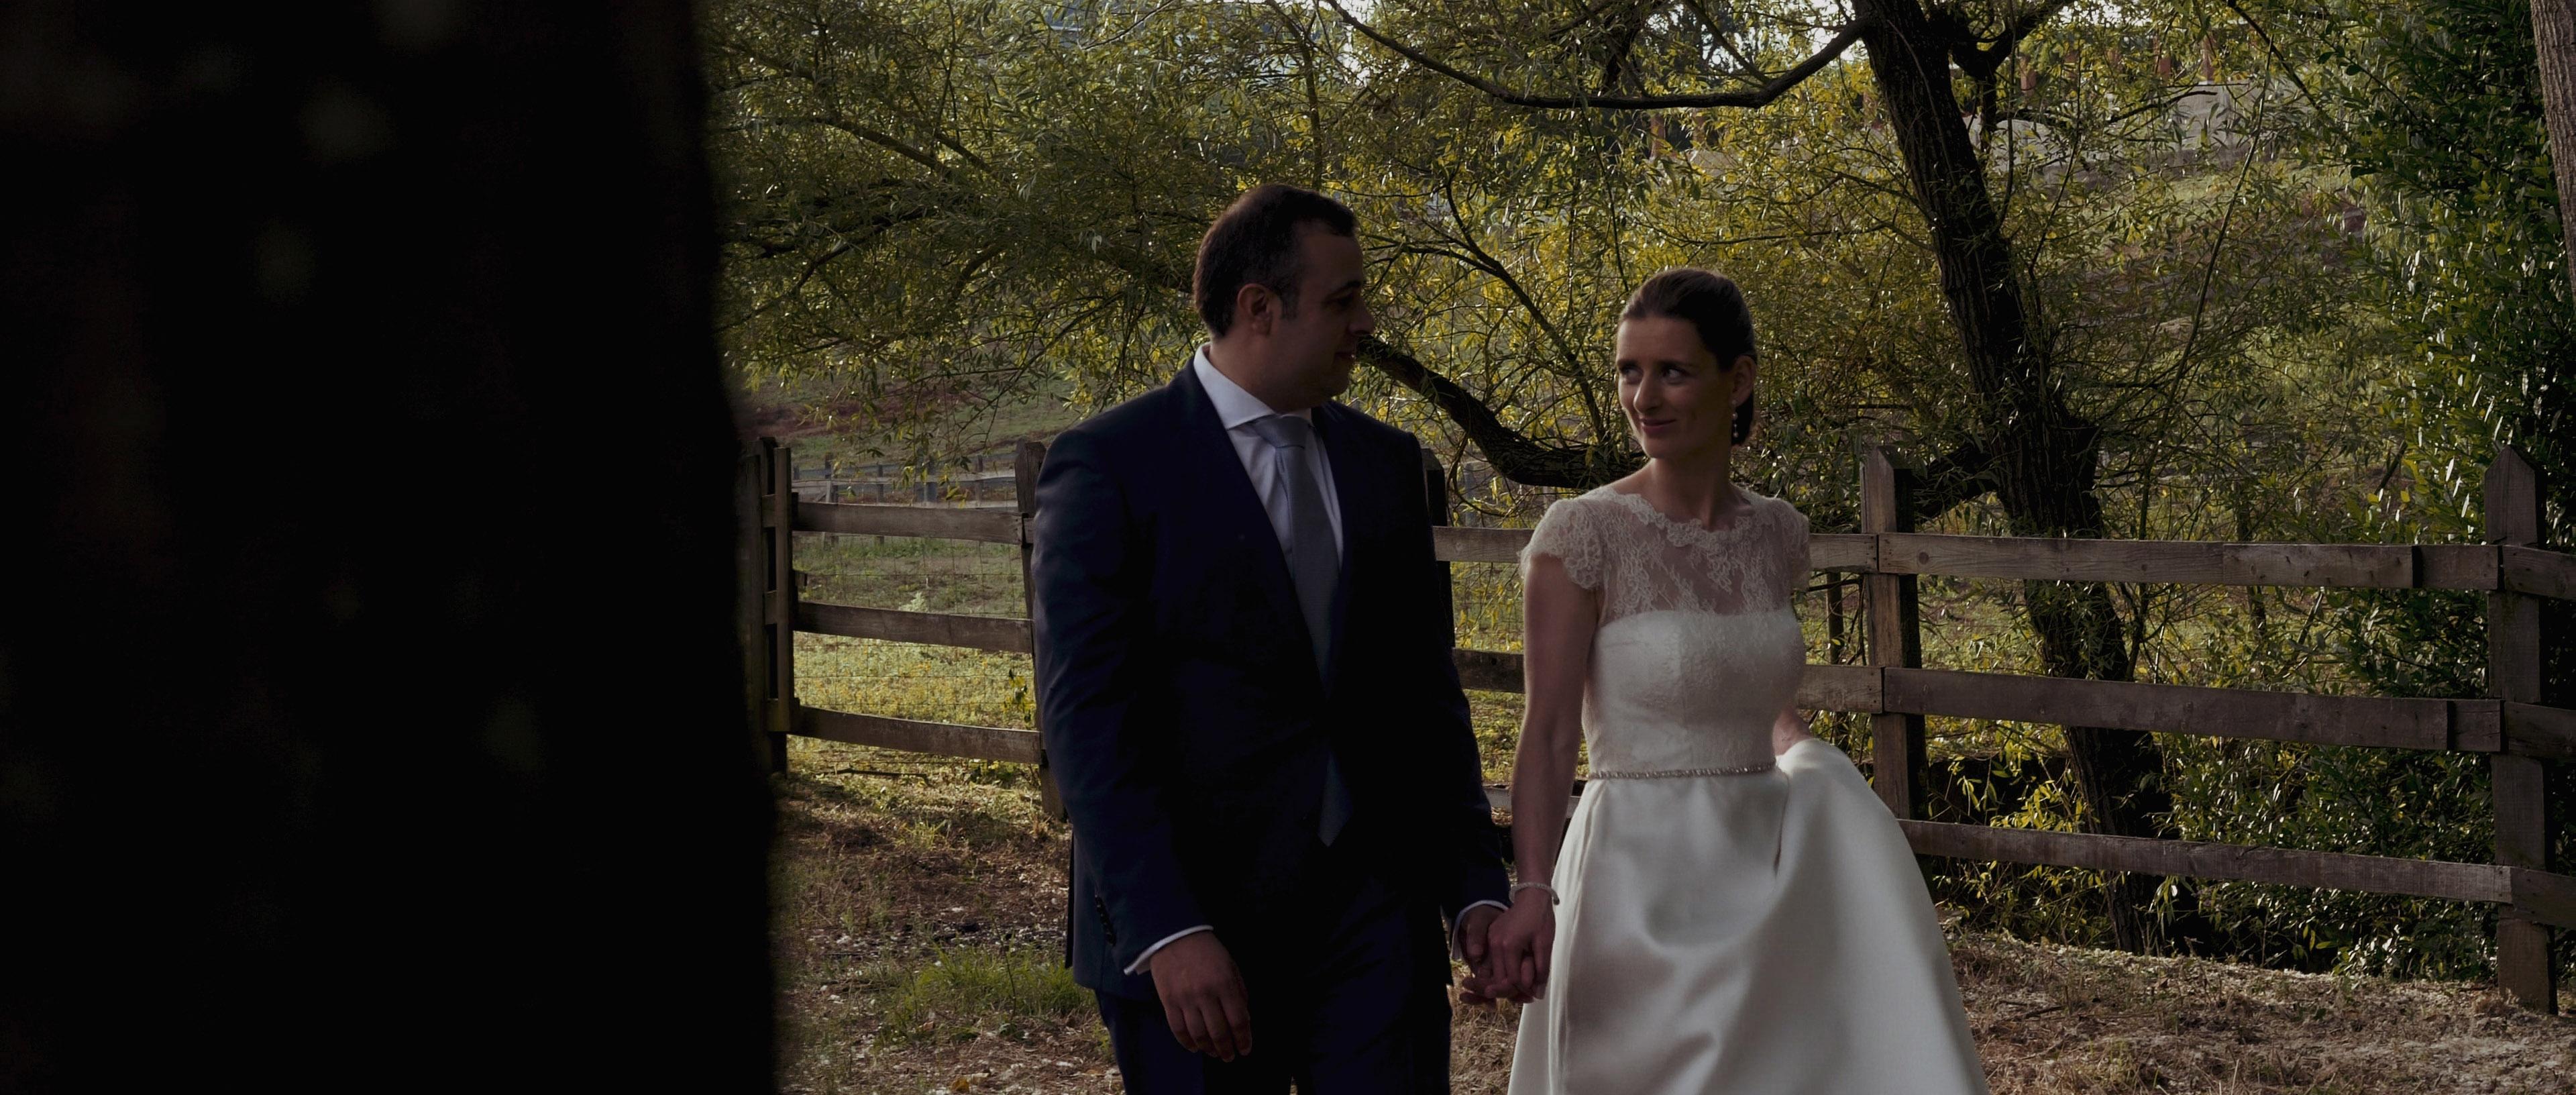 Ana & João - Wedding